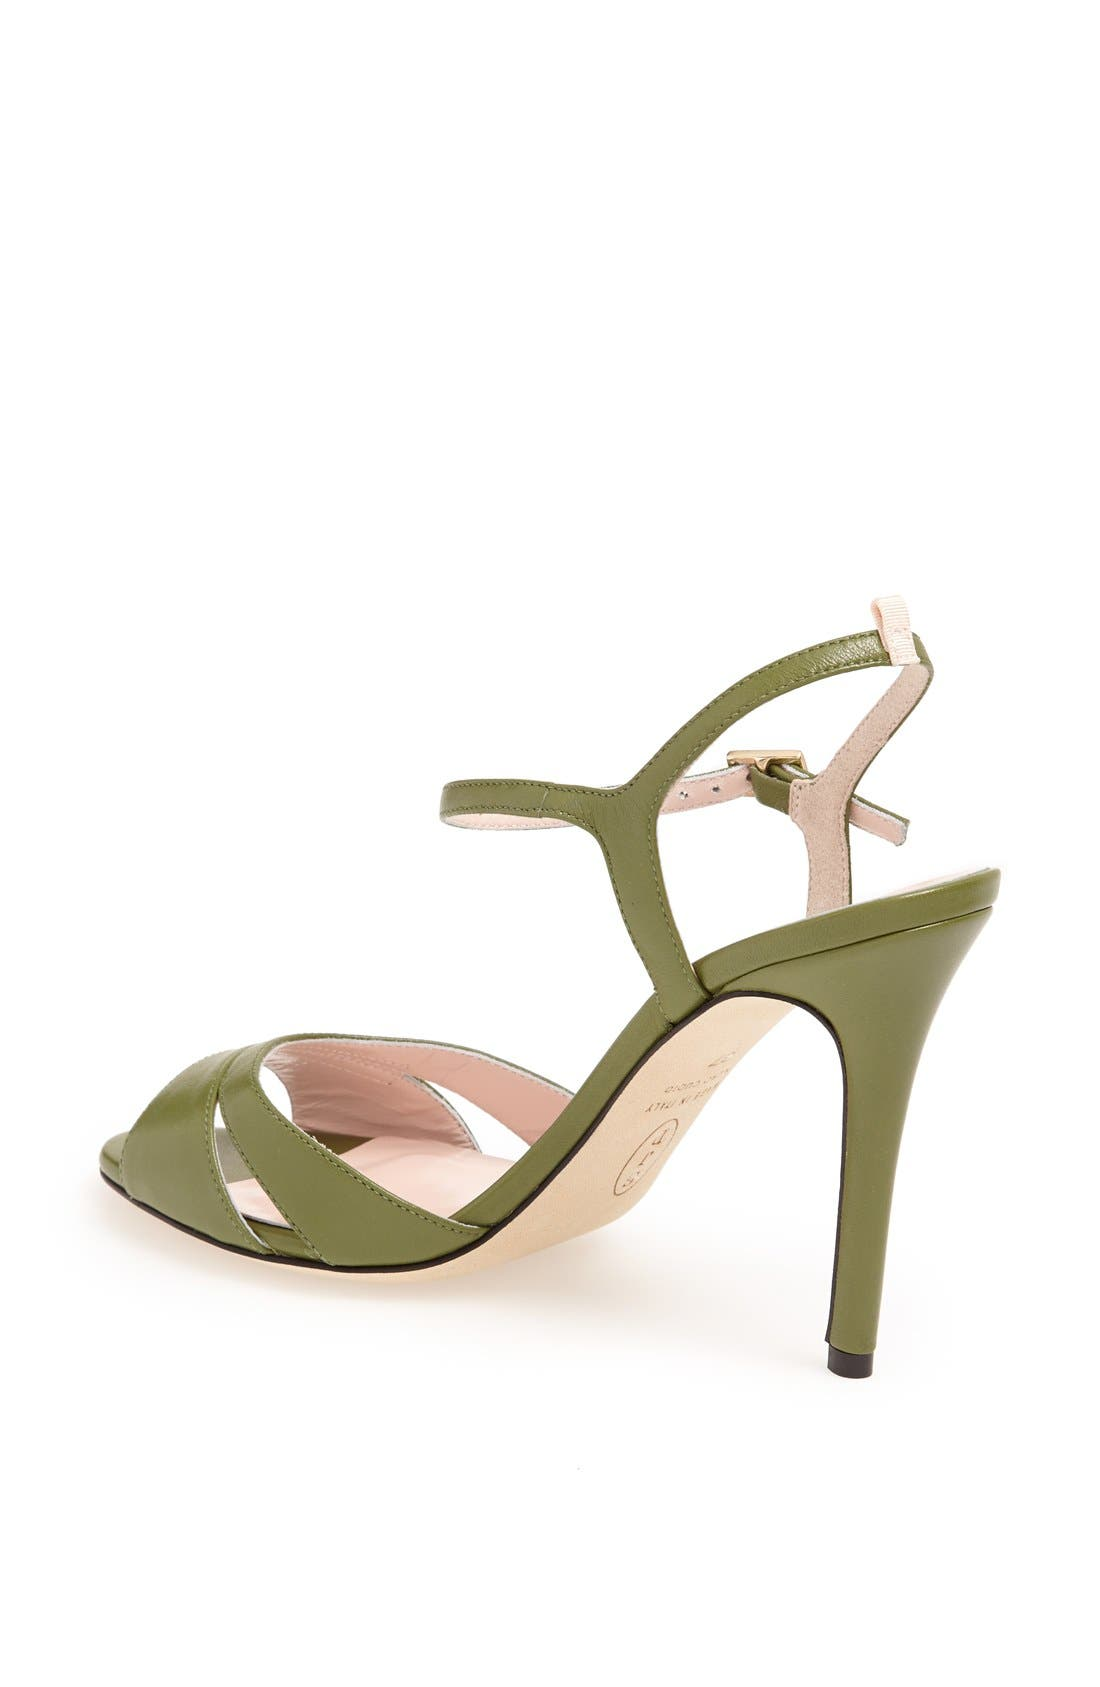 SJP 'Anna' Sandal,                             Alternate thumbnail 2, color,                             Green